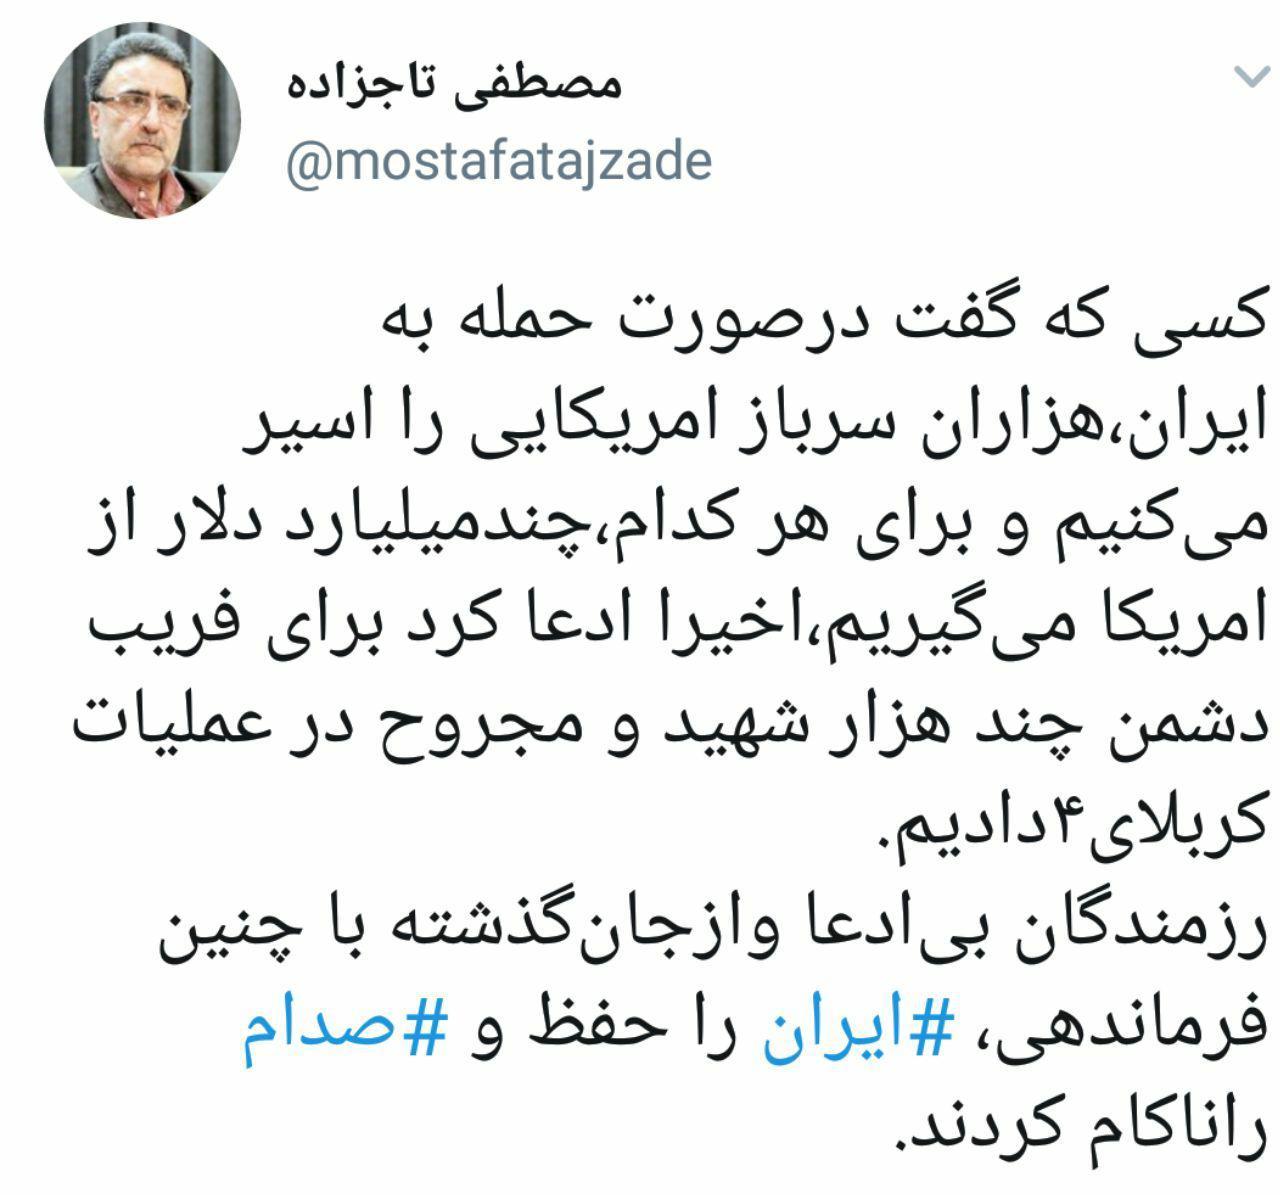 واکنش تاجزاده درباره توییت جنجالی محسن رضایی